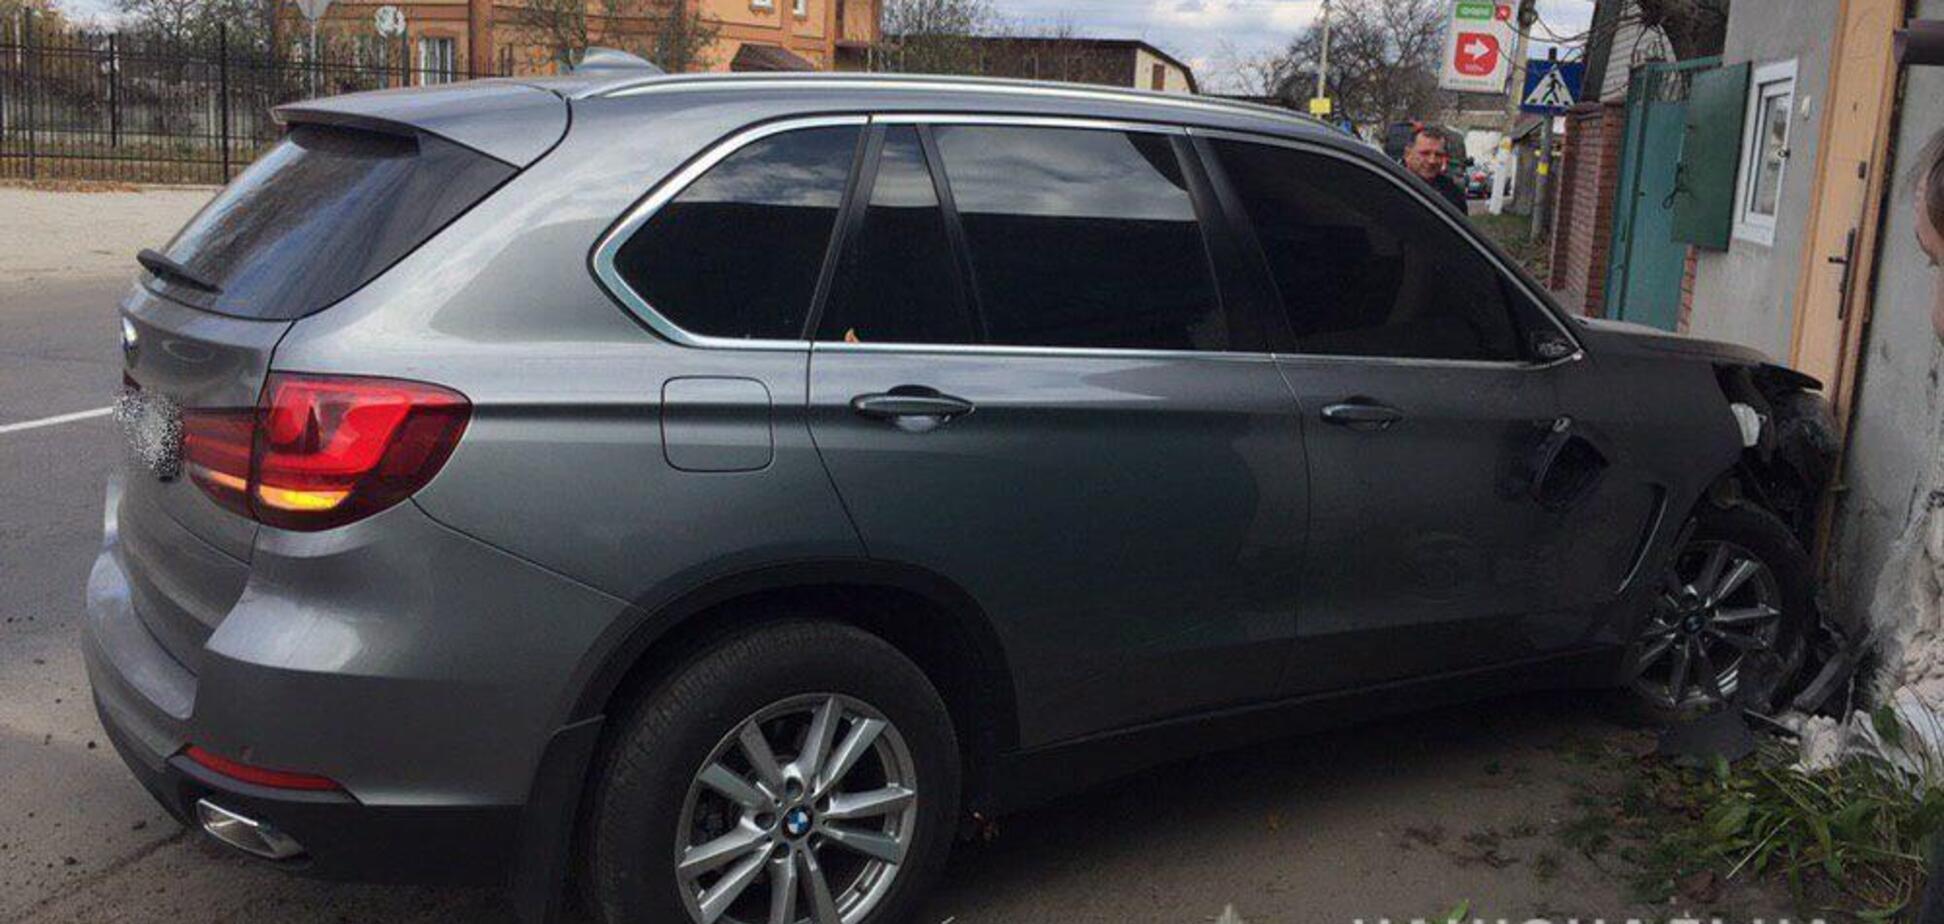 Под Киевом пьяный водитель сбил беременную женщину